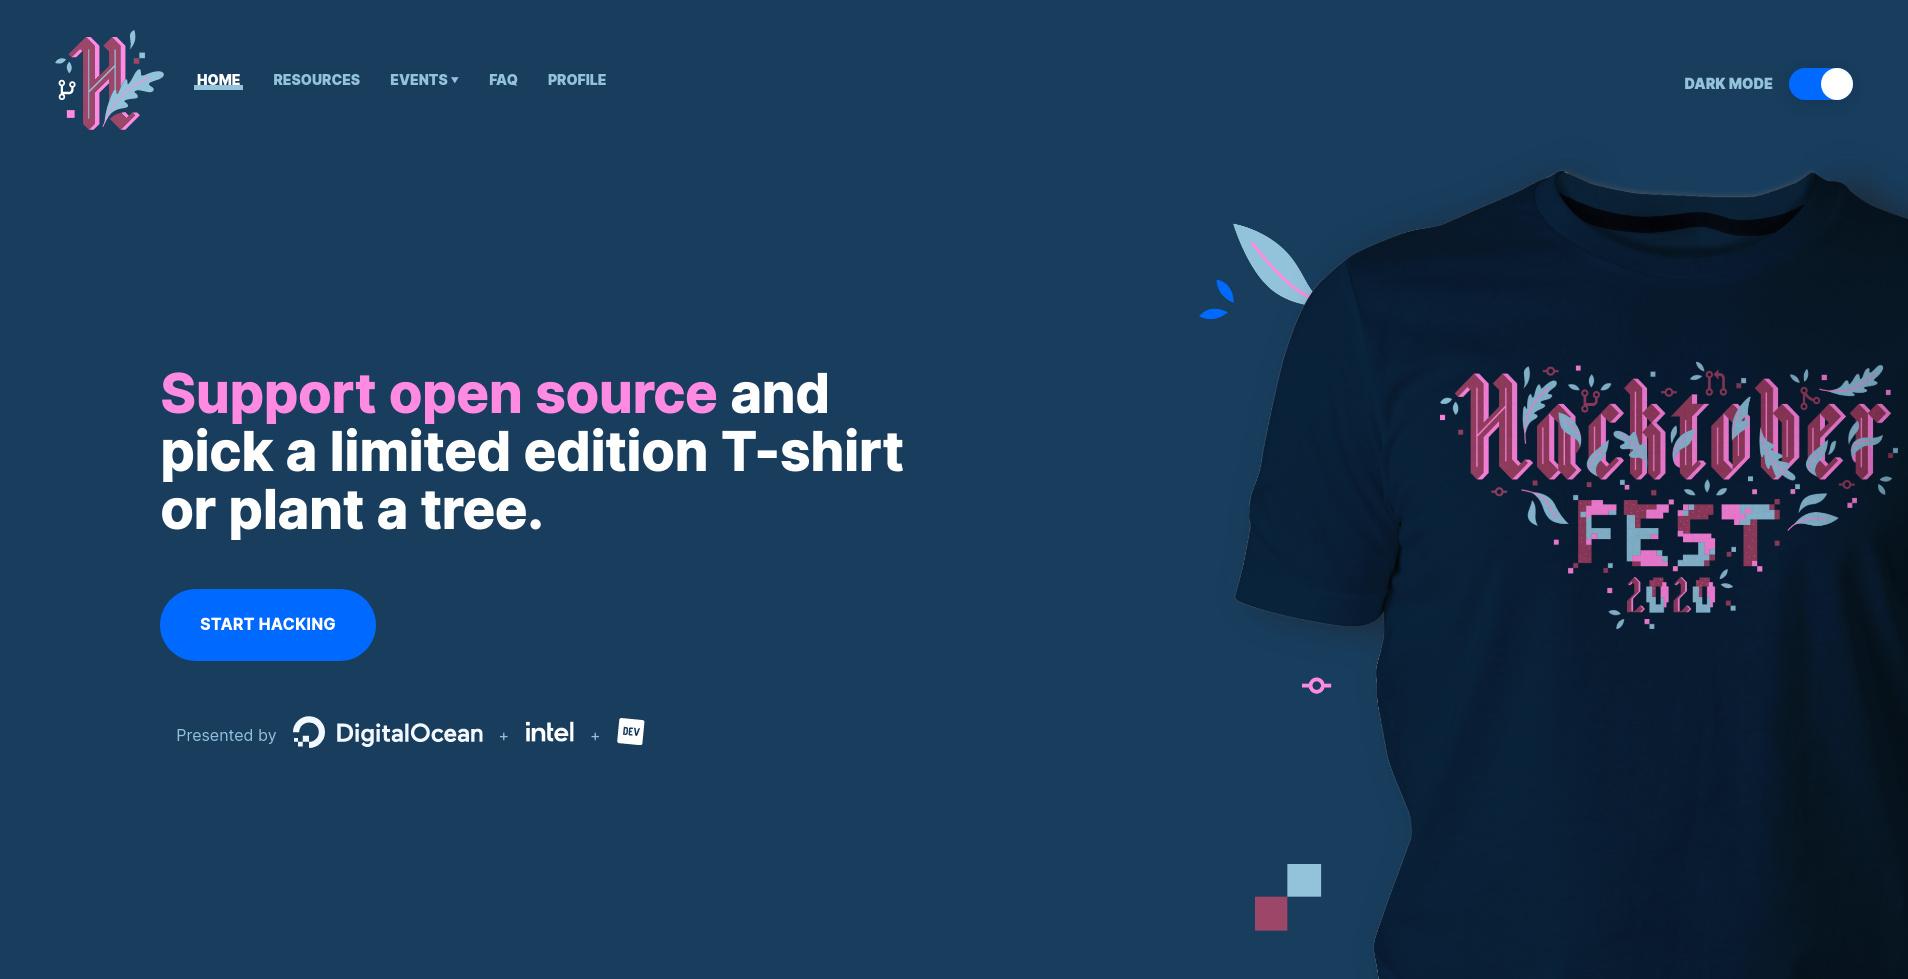 hacktoberfest - homepage